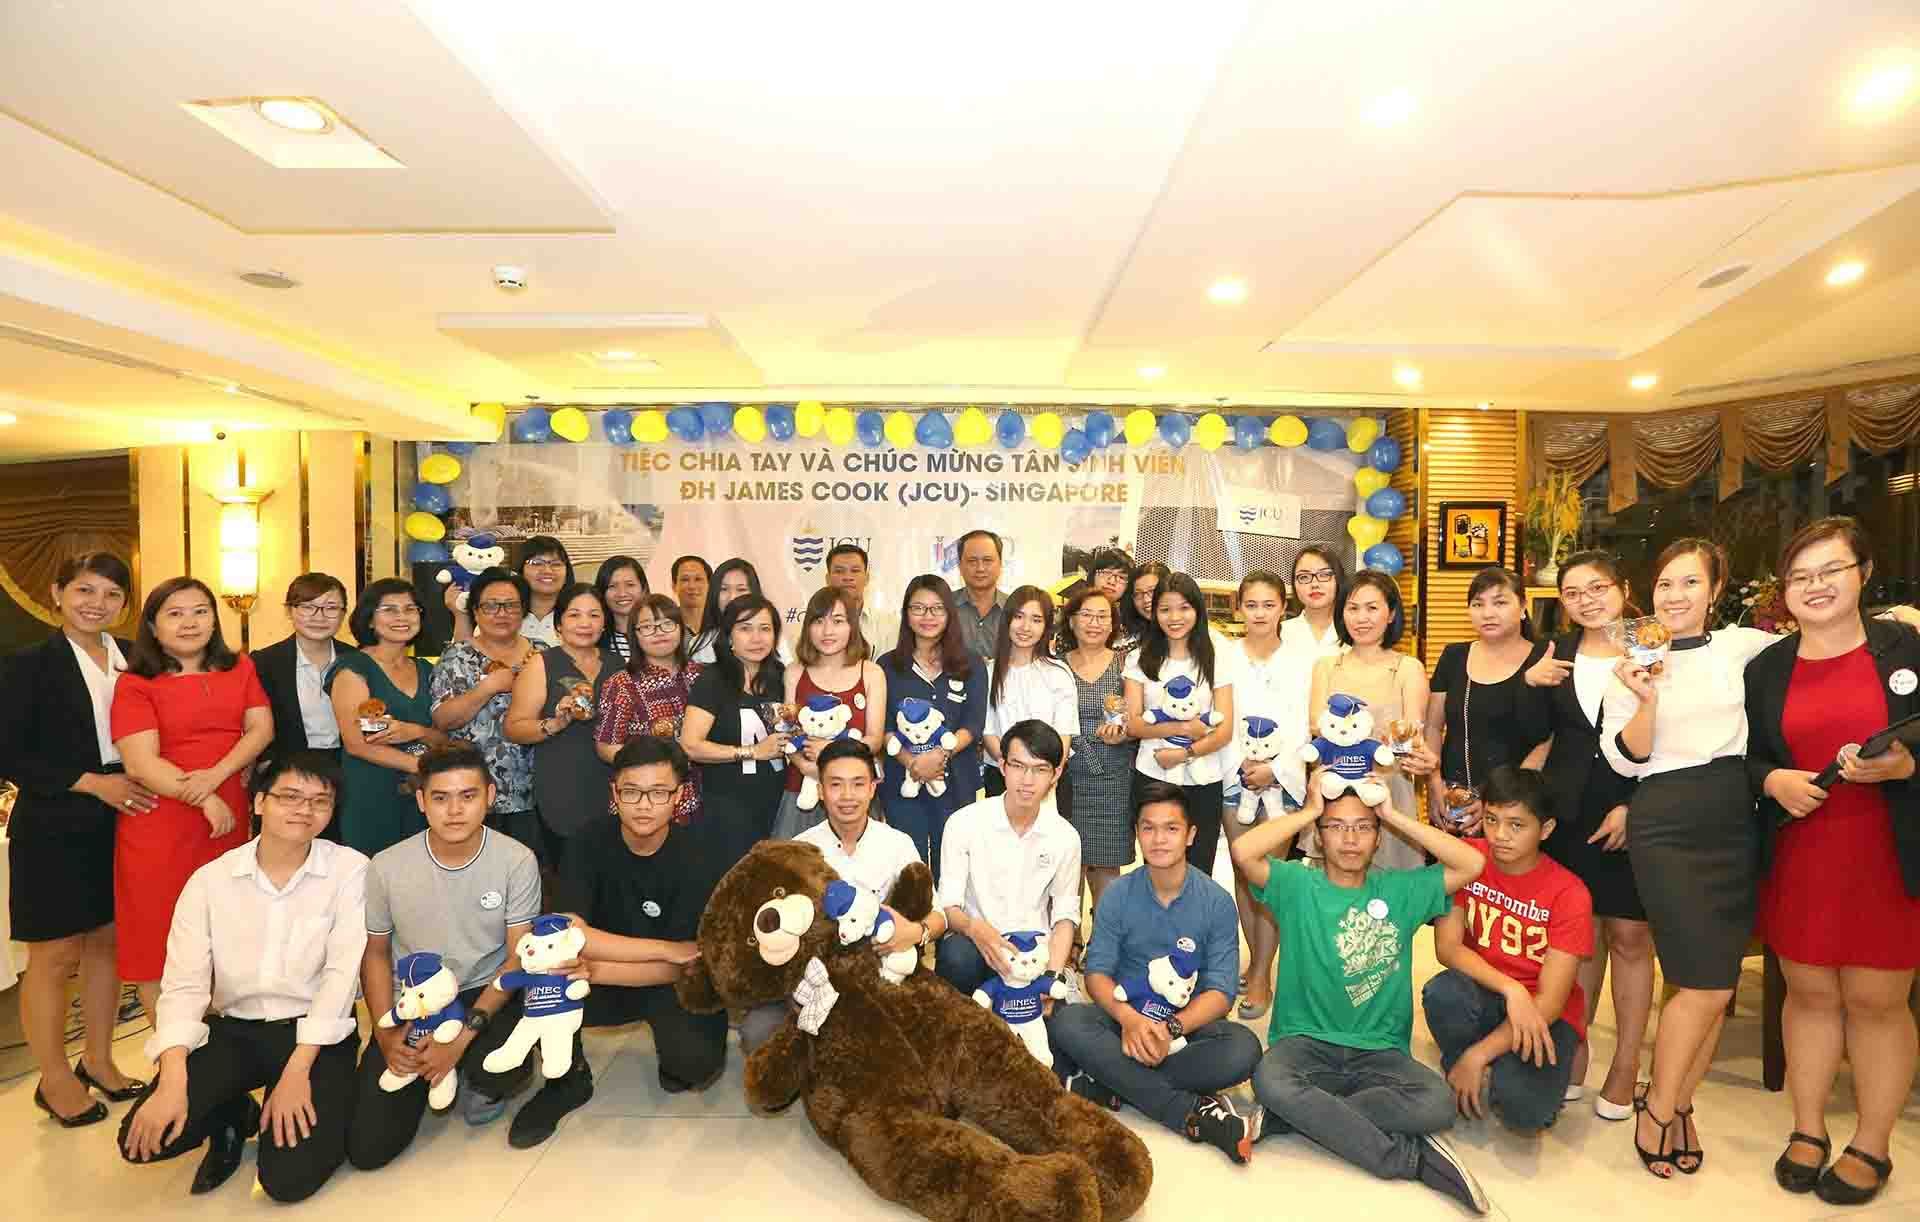 Tiệc chia tay và hướng dẫn bay cho tân sinh viên JCU Singapore là một kỷ niệm không thể quên của tất cả chúng ta với đầy đủ các cung bậc cảm xúc khác nhau. Các bạn được làm quen với nhau thông qua những trò chơi nhỏ, thú vị và cùng thổi nến chúc mừng sinh nhật một thành viên của đại gia đình INEC. Đây cũng là cơ hội để các em tạo nên một cộng đồng SVVN tại JCU Singapore lớn mạnh, sẵn sàng hỗ trợ nhau trong quá trình tự lập xa nhà của mình.